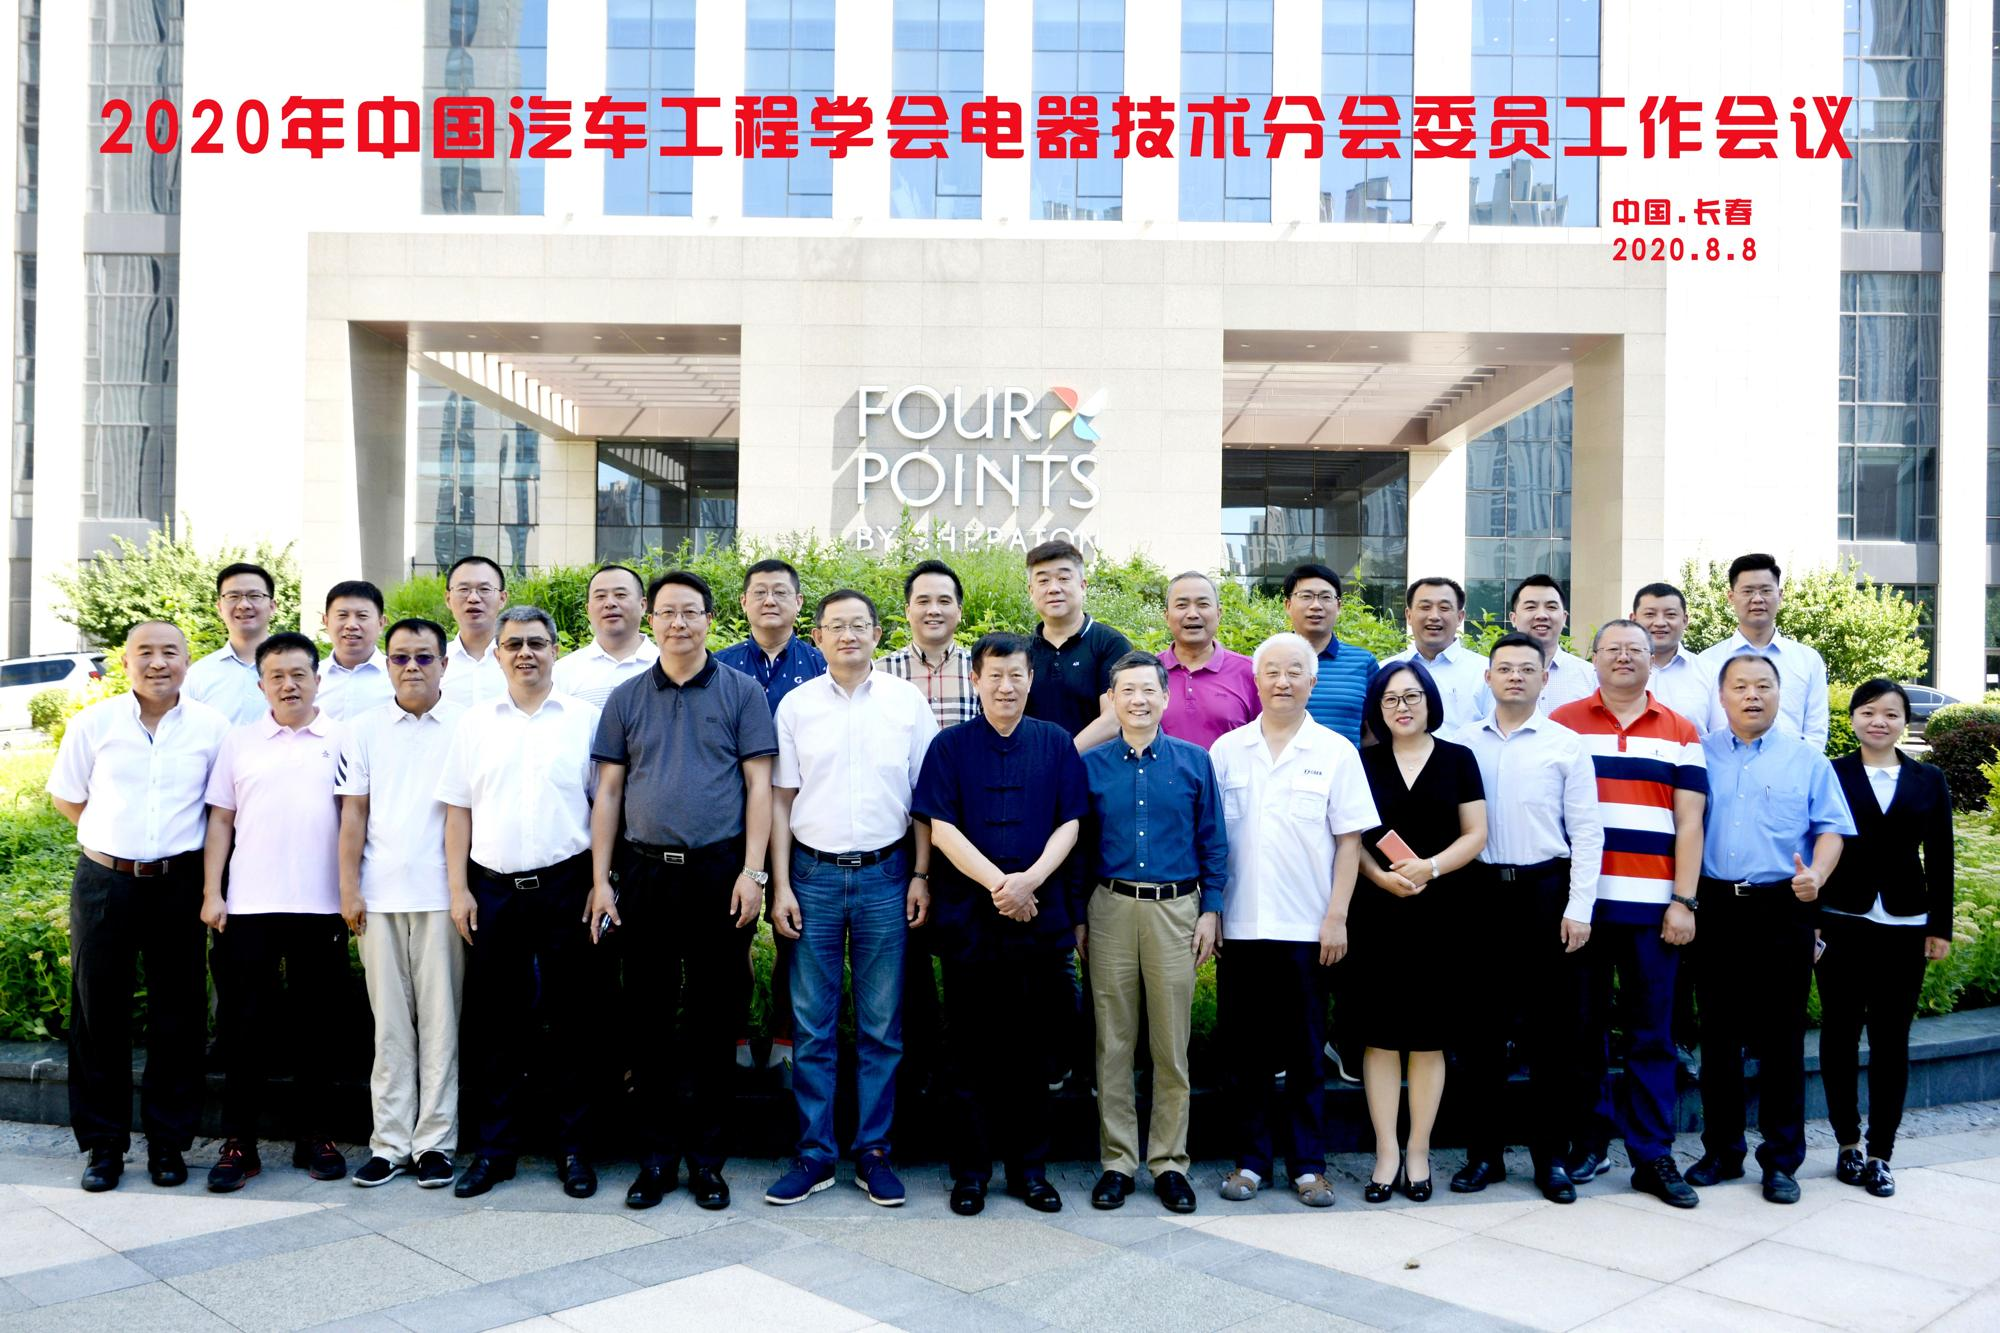 中国汽车工程学会电器技术分会2020年委员工作会议在长春胜利召开(图1)